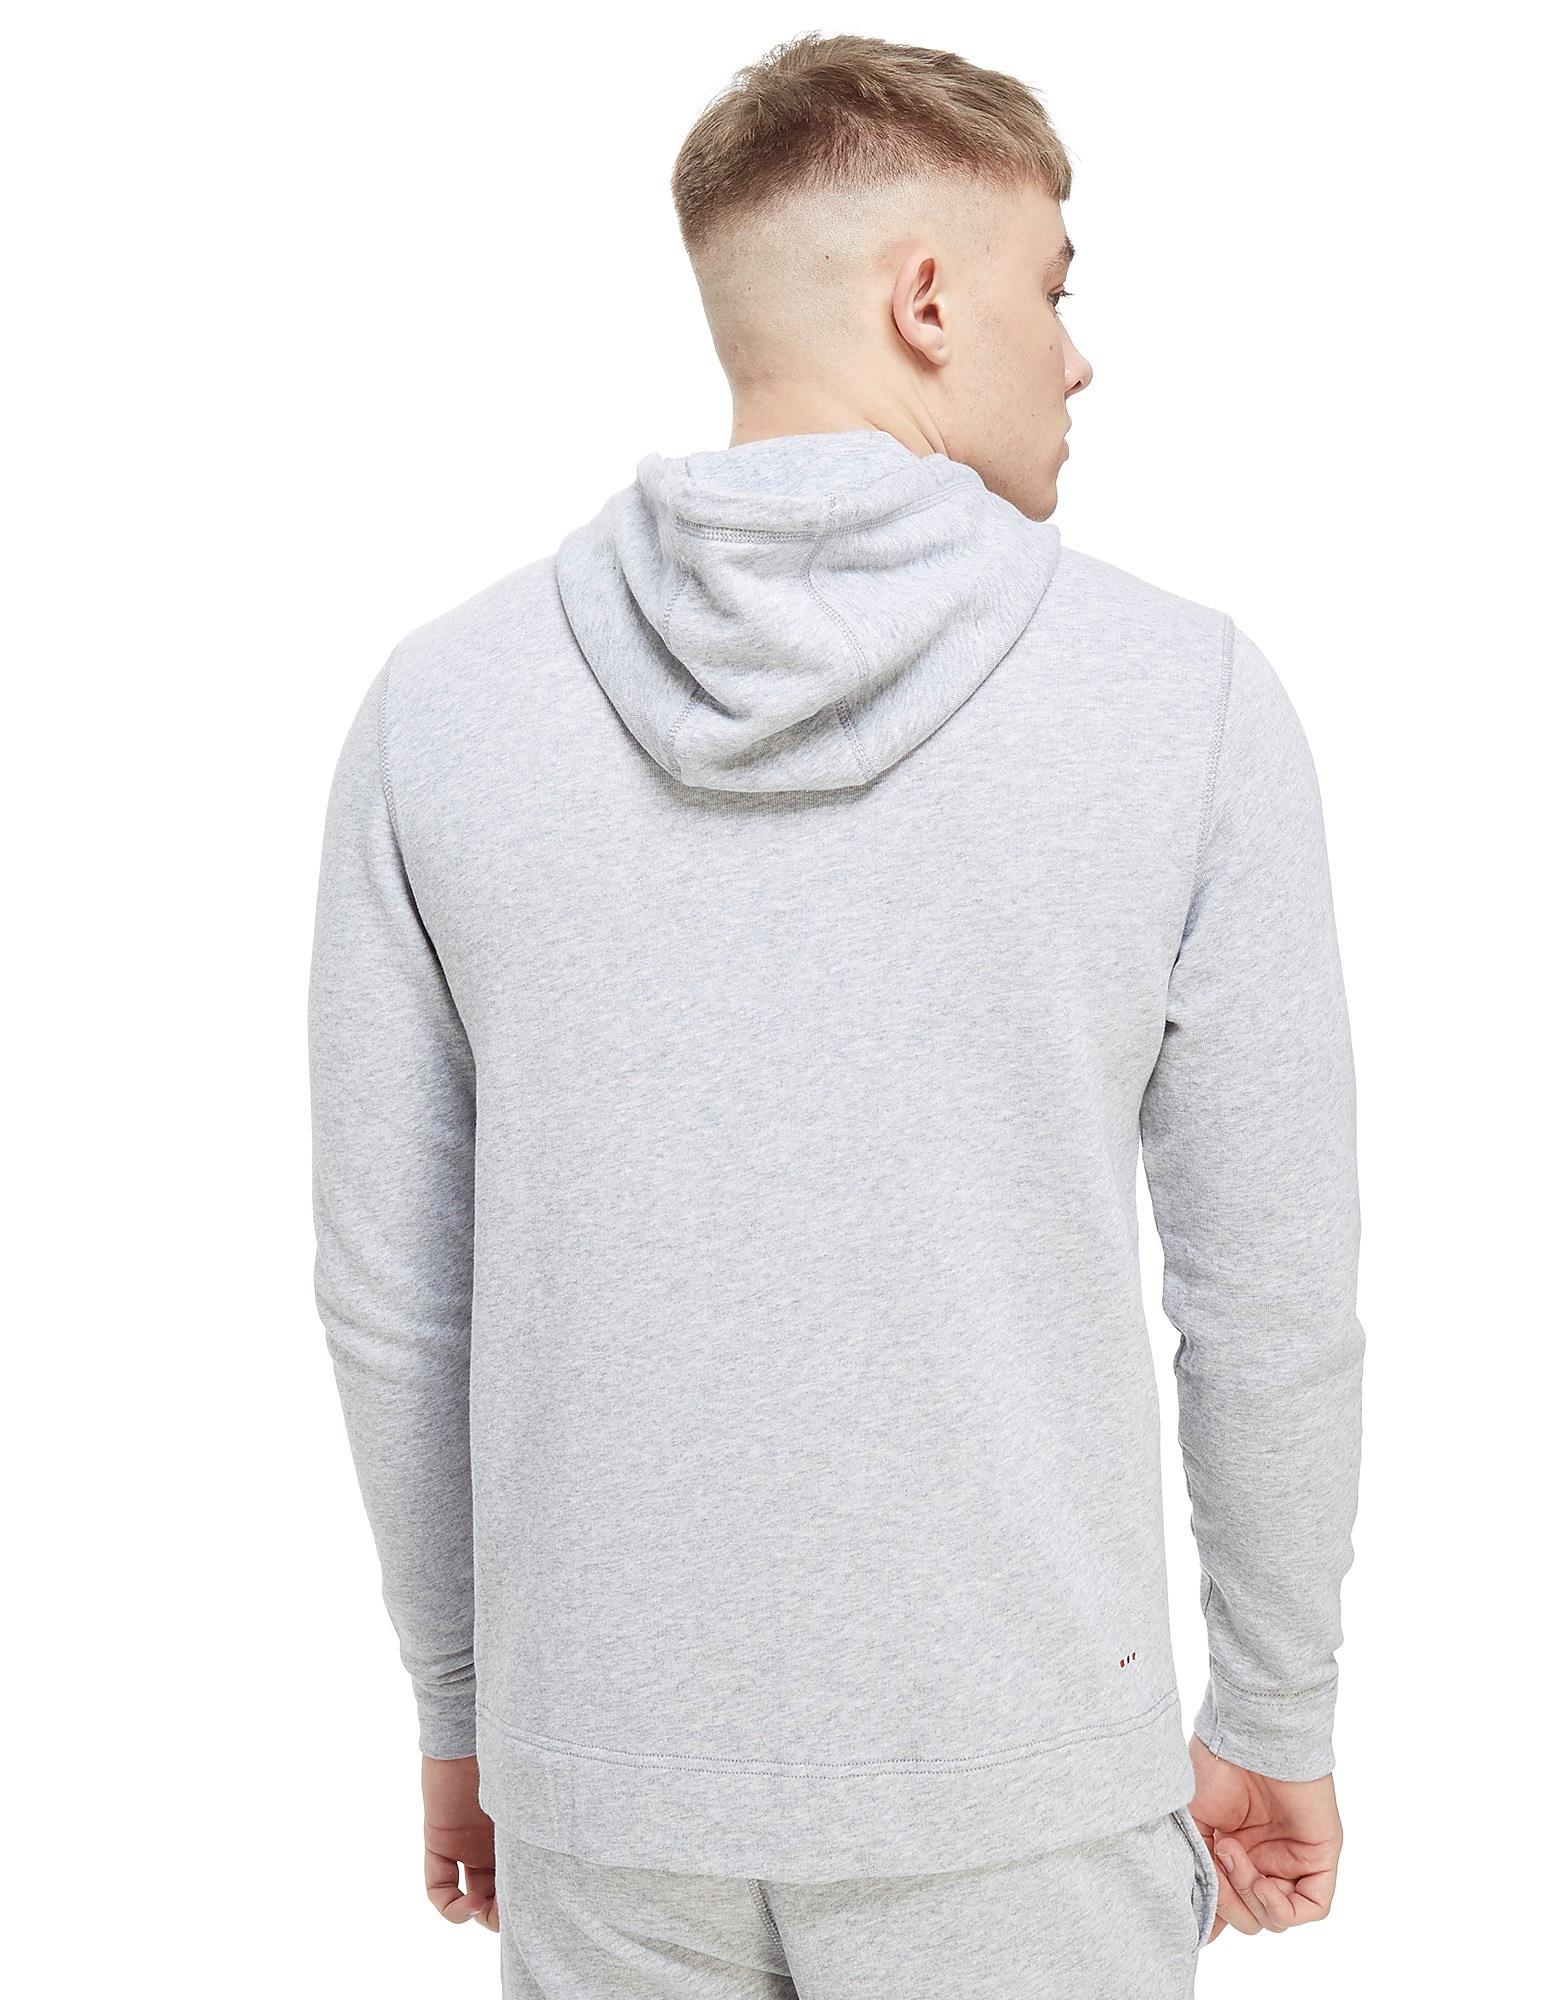 Napapijri chaqueta con capucha